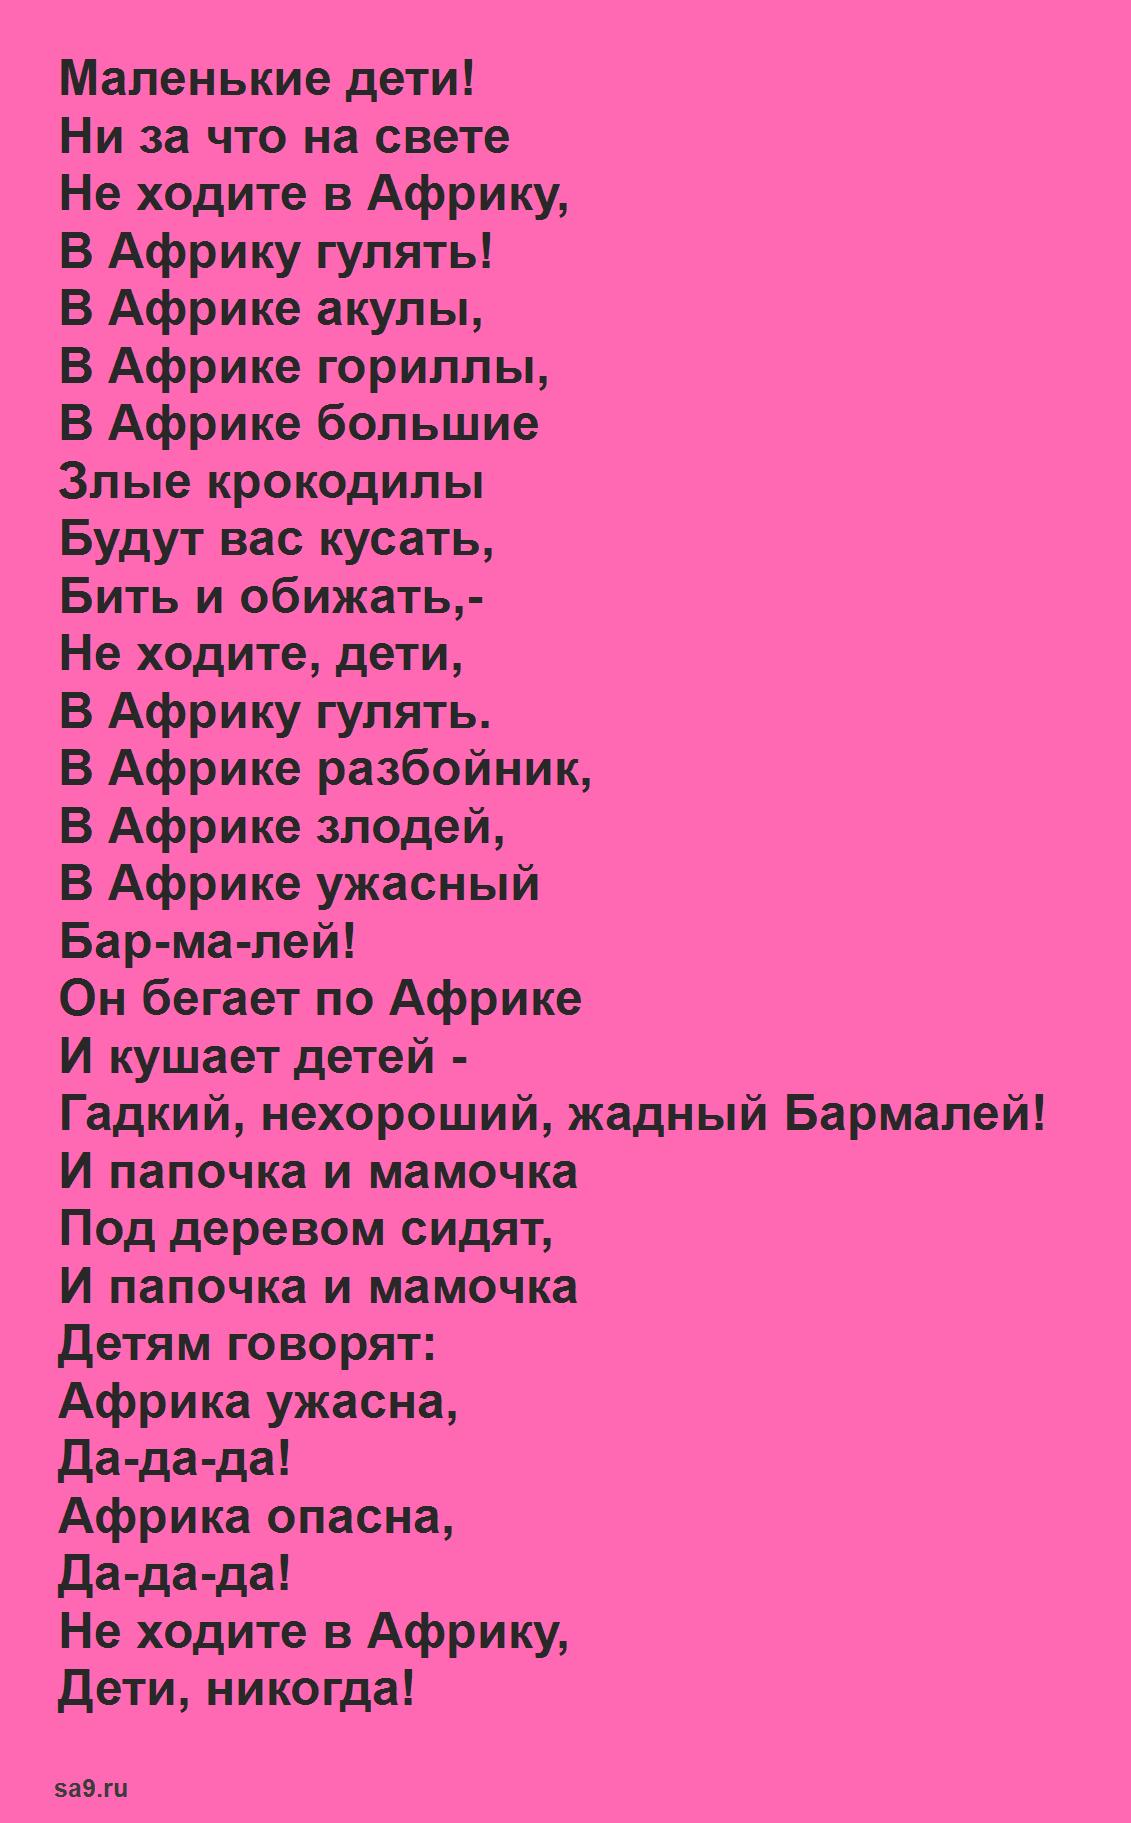 Сказка Чуковского для детей 'Бармалей'